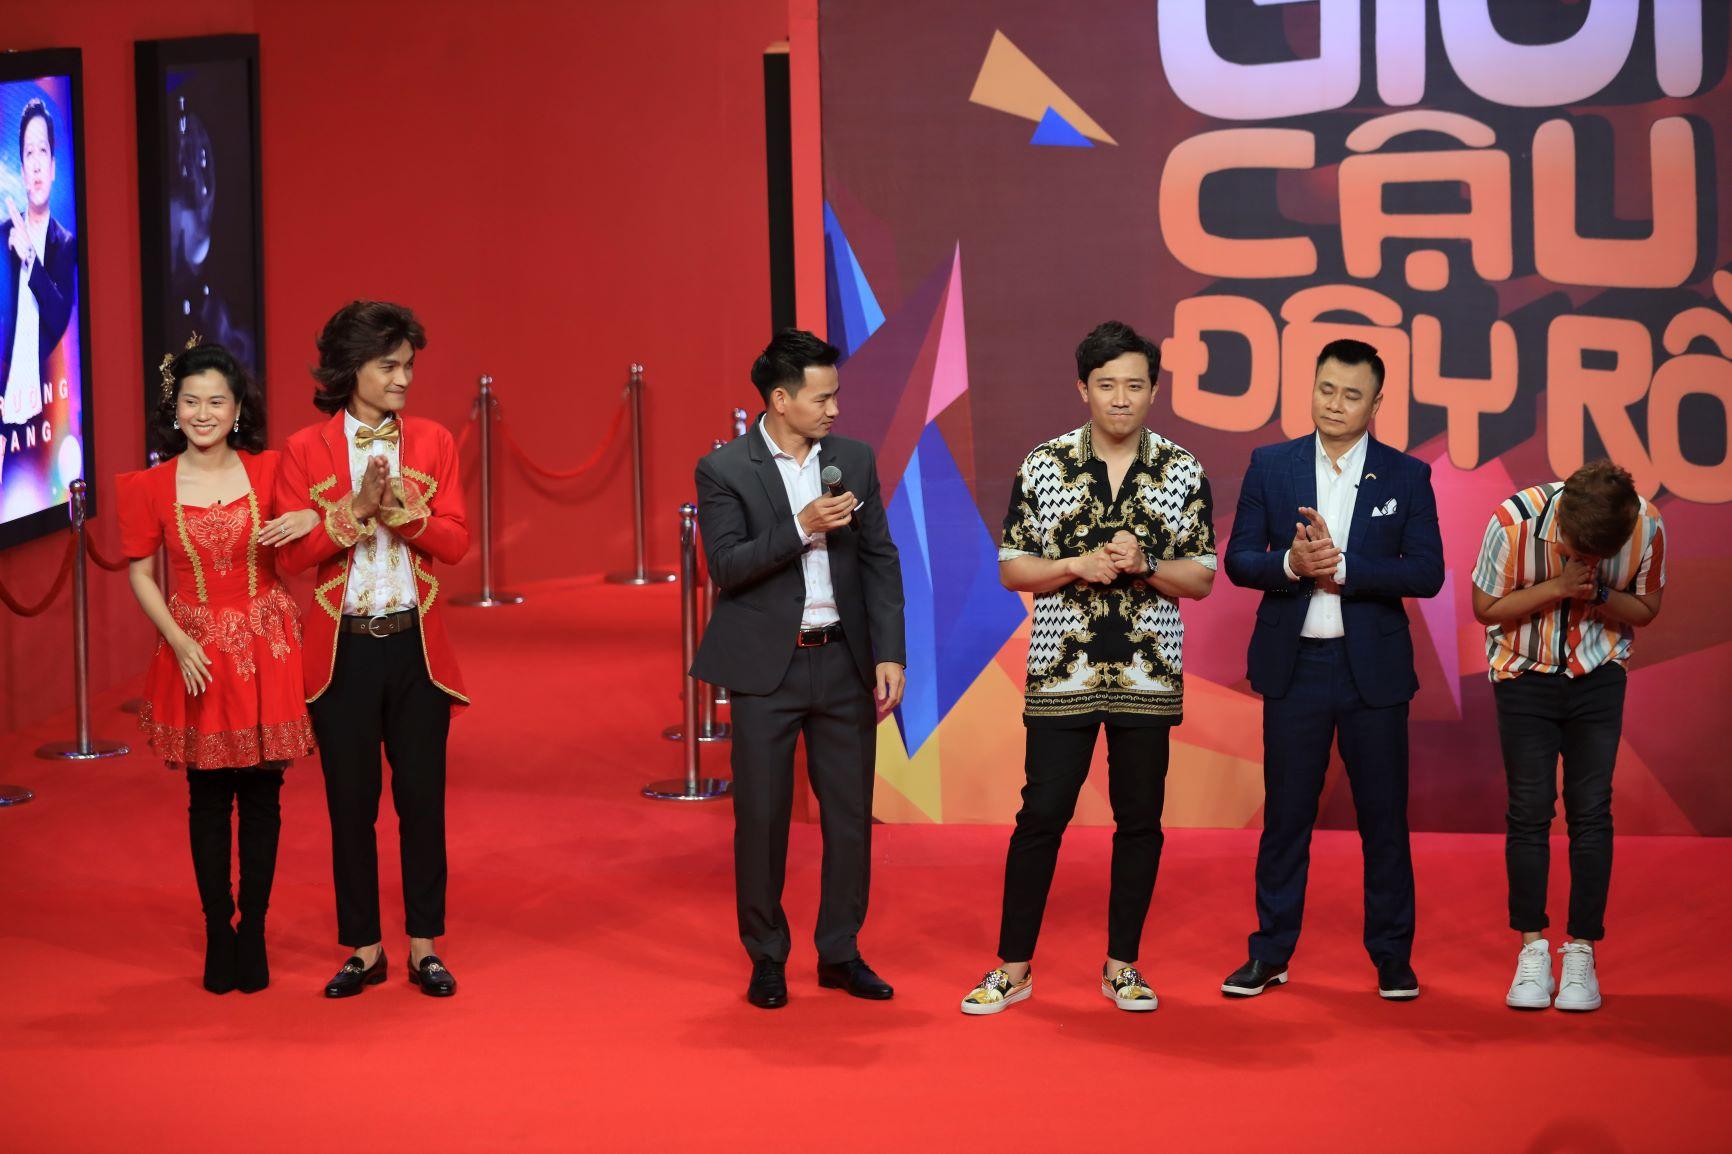 Trên sân khấu Ơn giời, Trường Giang hé lộ Hồ Quỳnh Hương là người mình từng theo đuổi 1